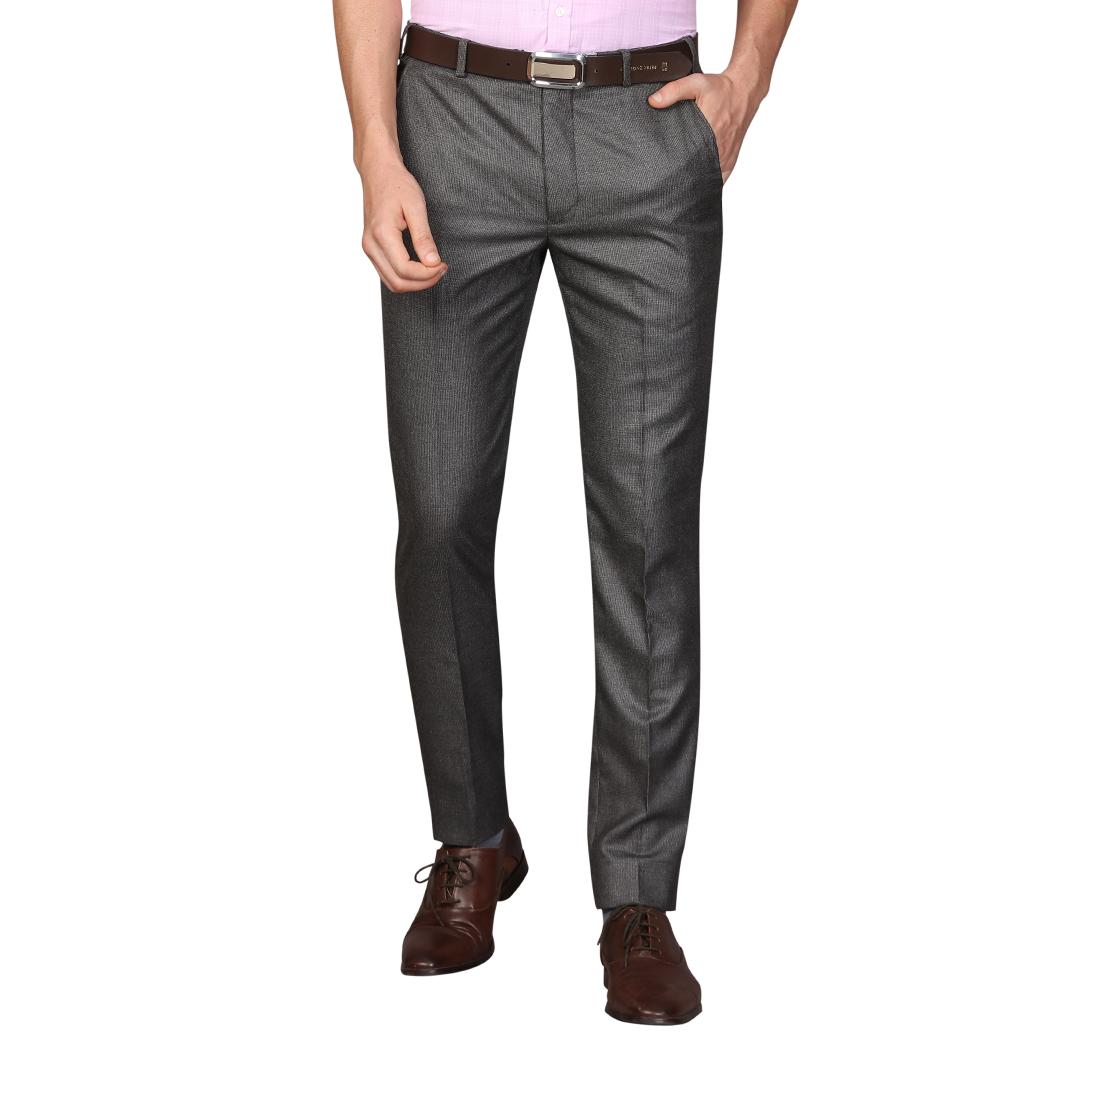 Next Look | Next Look Grey Trouser